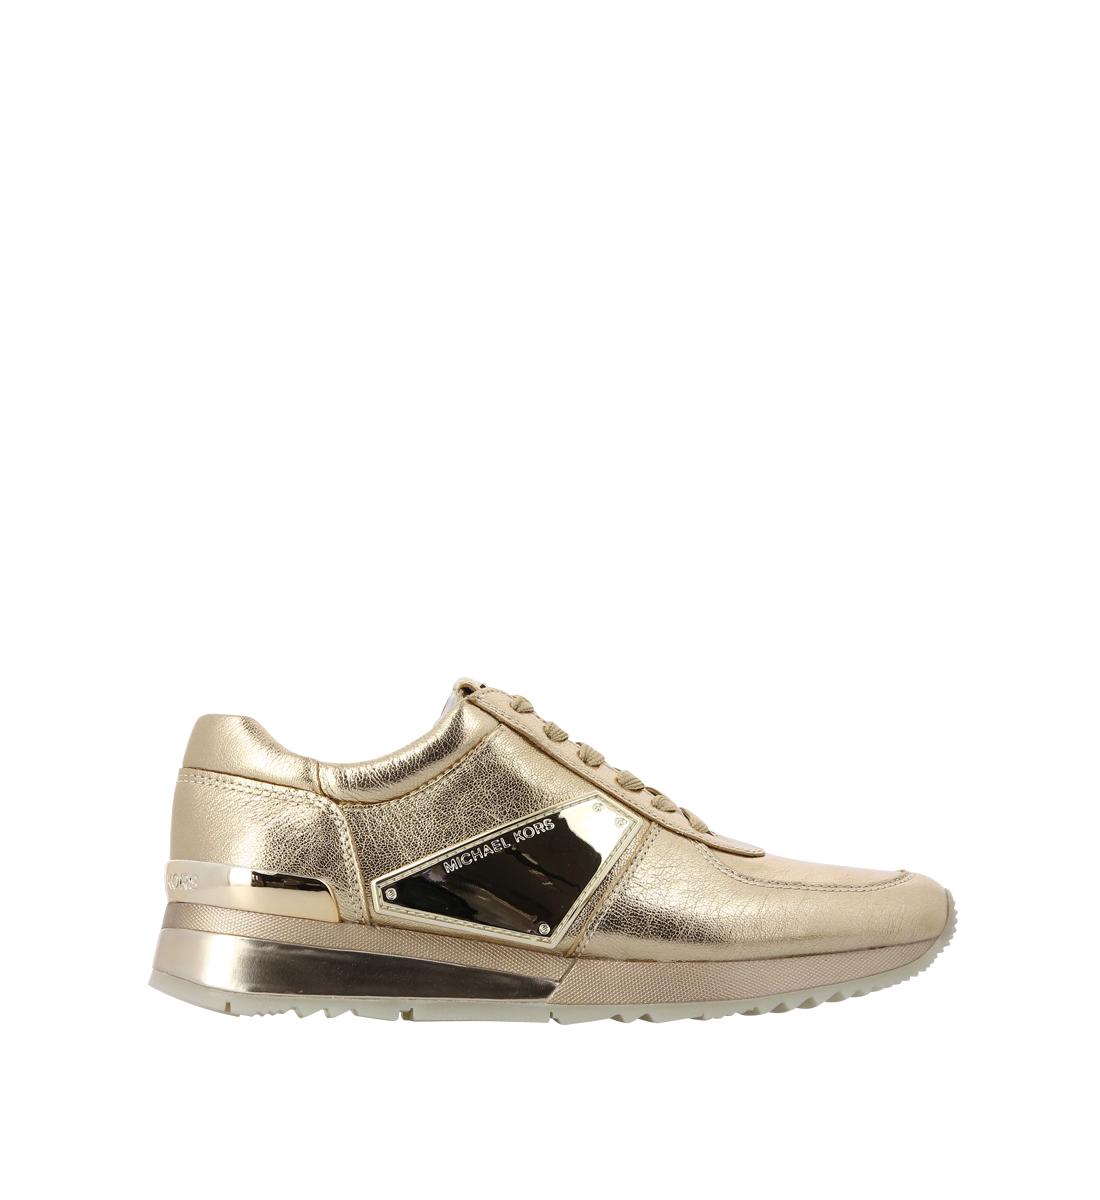 Vente de chaussures femme michael kors pas cher Soldes